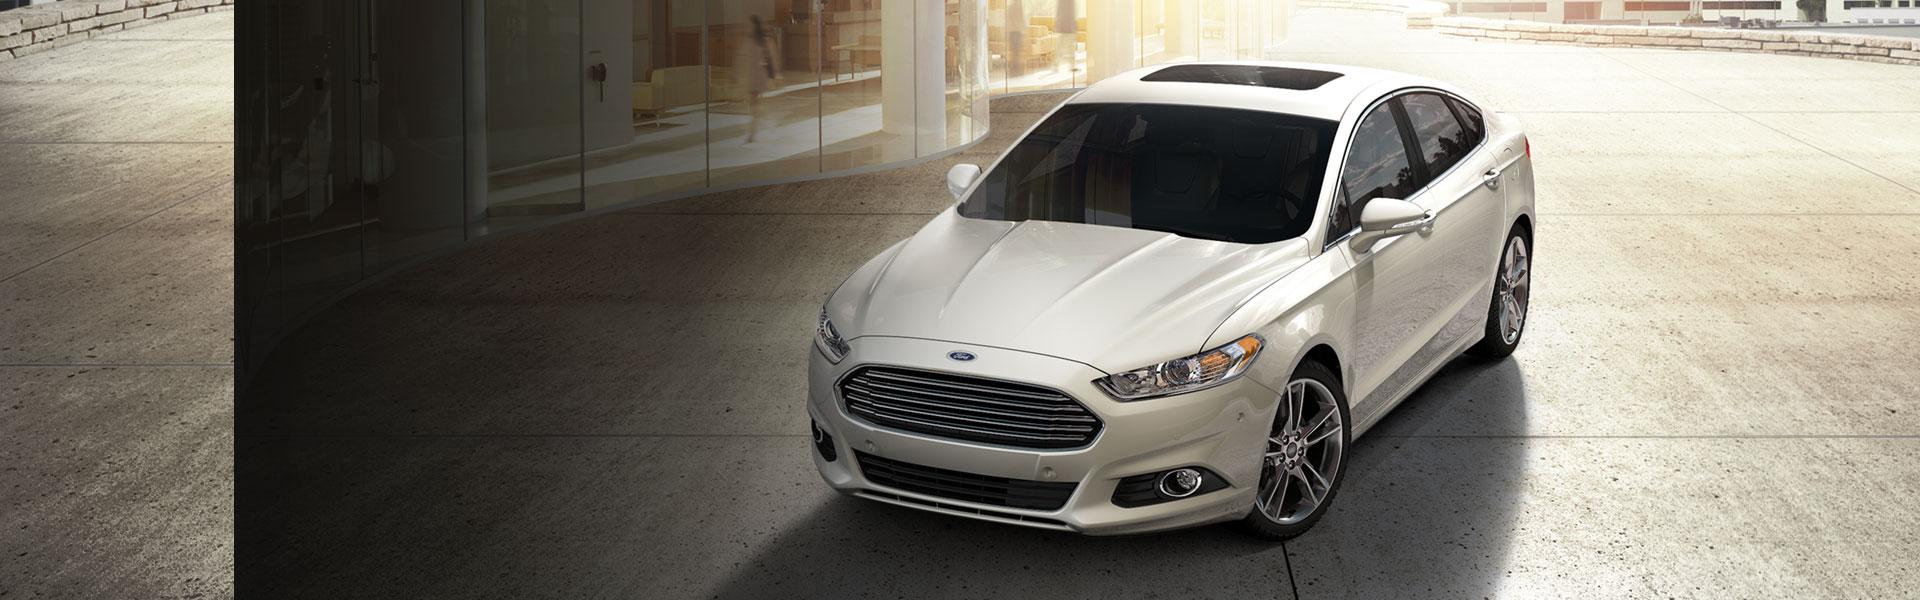 City Ford Edmonton, Alberta - New & Used Cars, Trucks & SUVs Sales